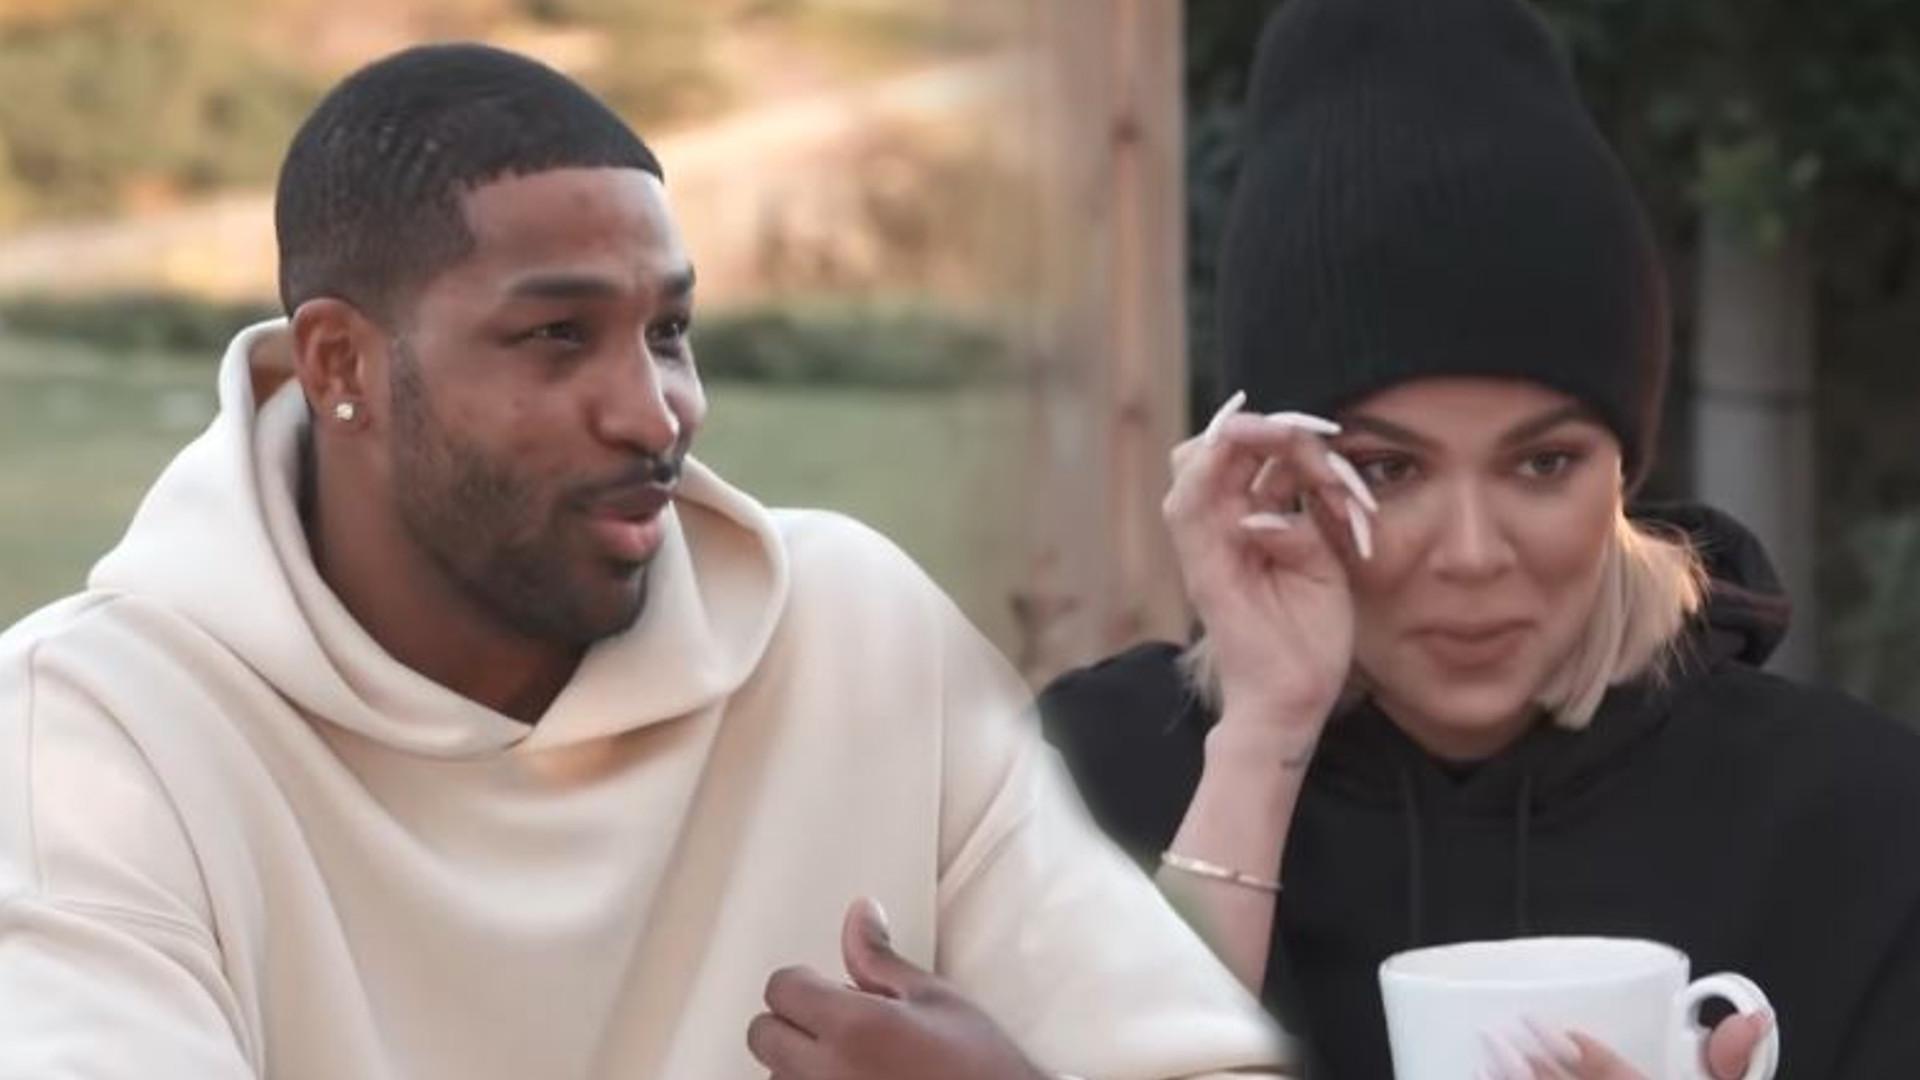 Tristan Thompson prosi Khloe Kardashian, aby wprowadziła się do niego NA ZAWSZE (VIDEO)